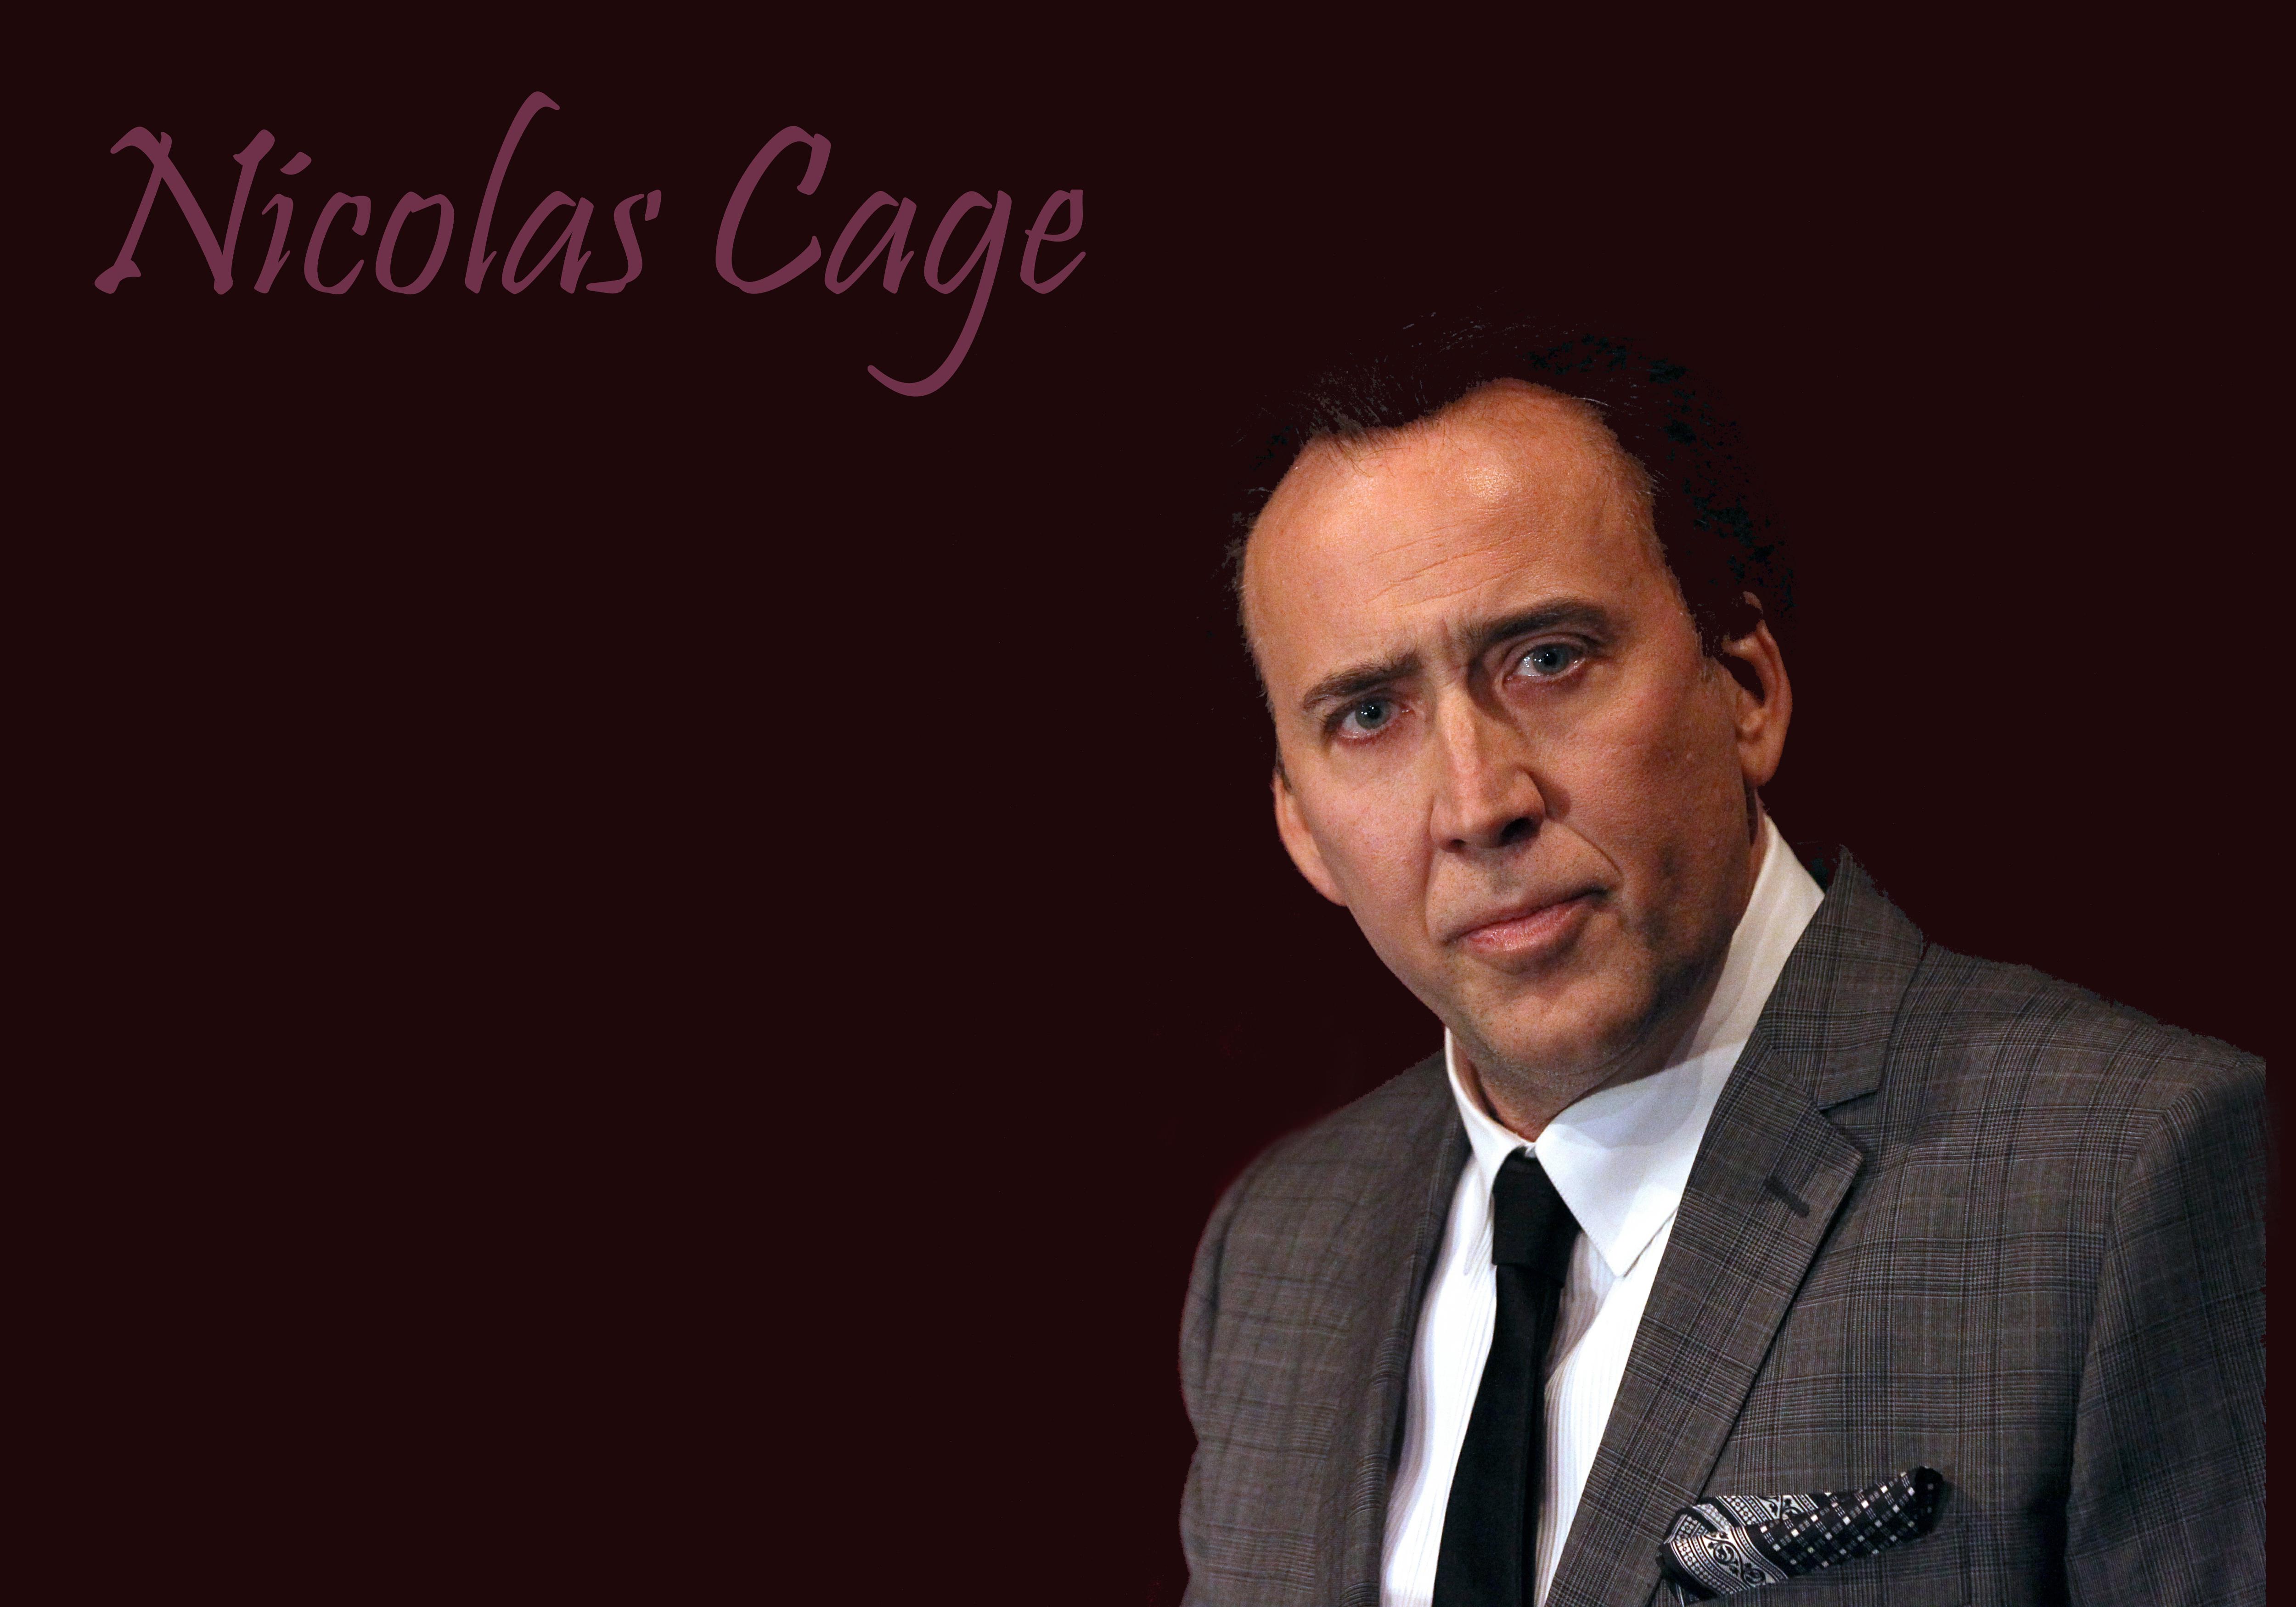 Nicolas Cage hd nicolas cage hd wallpaper nicolas cage filme 2014 5000x3500